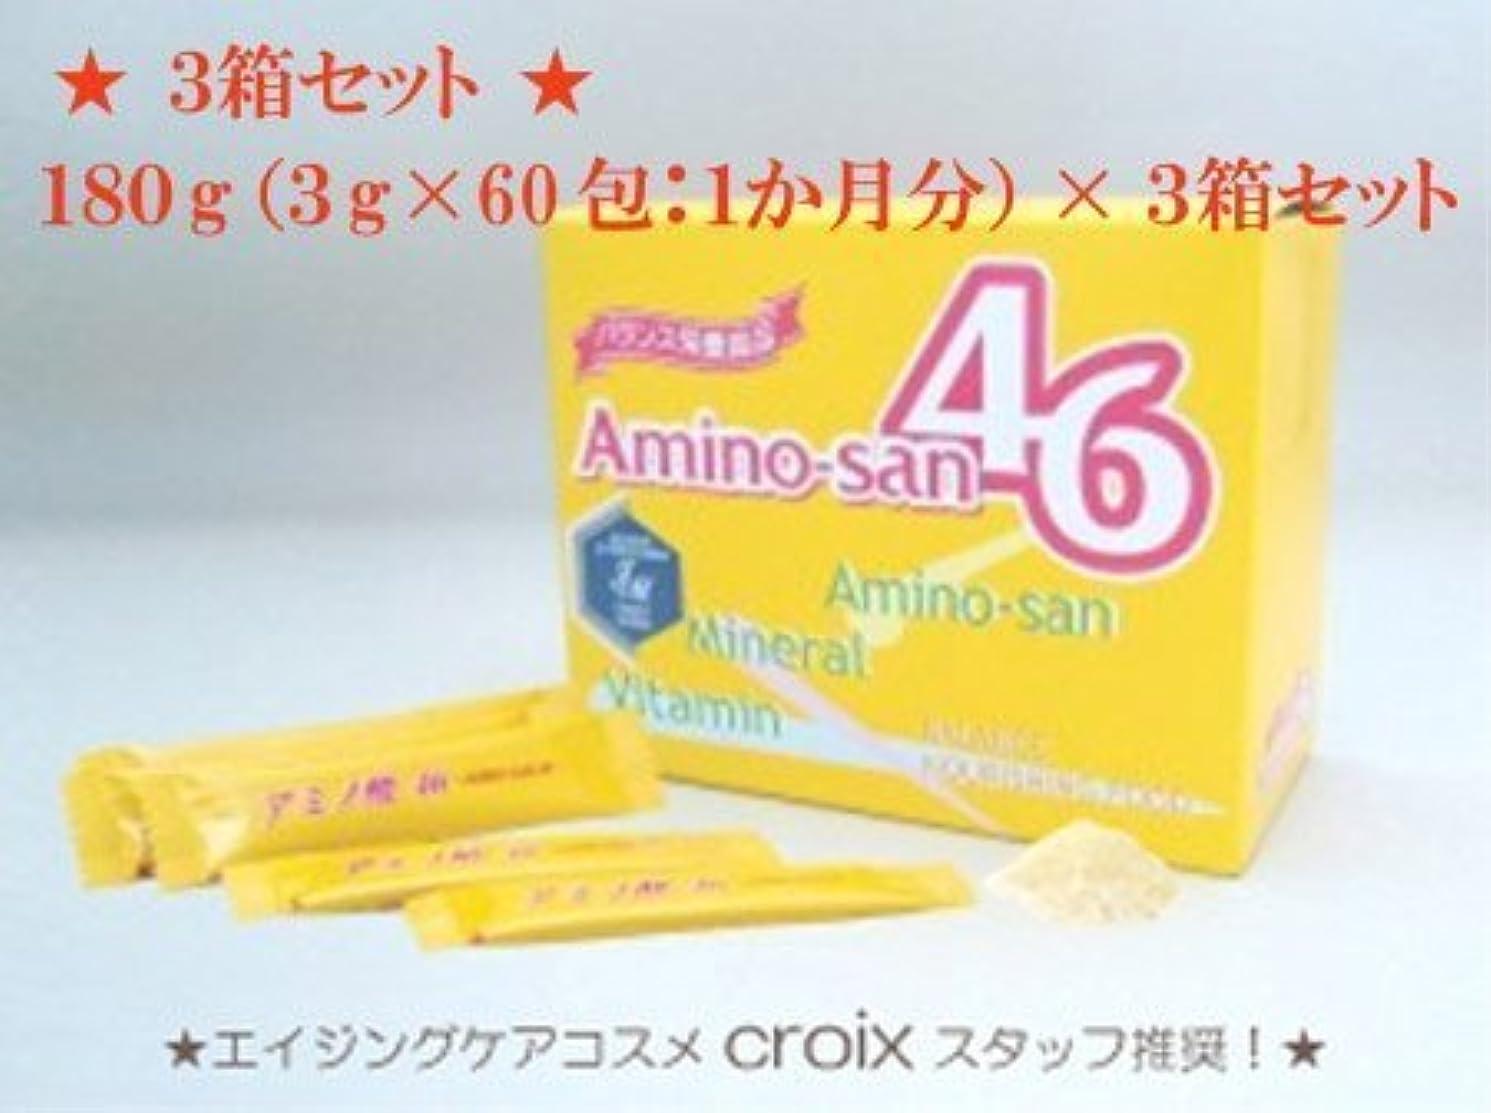 おとこ新しさ教科書アミノ酸46 3g×60本(1か月分)×6箱セット ポーレン(蜂蜜花粉)含有サプリメント